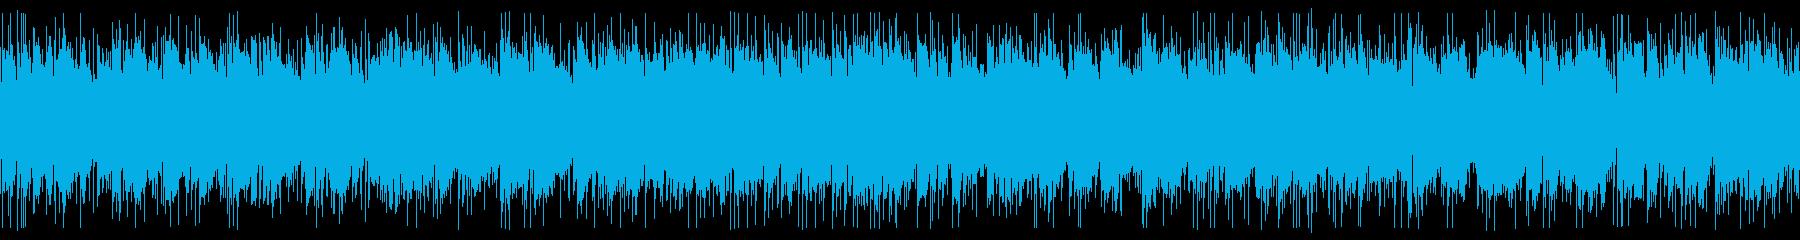 ホルン協奏曲第1番 アシッドジャズの再生済みの波形